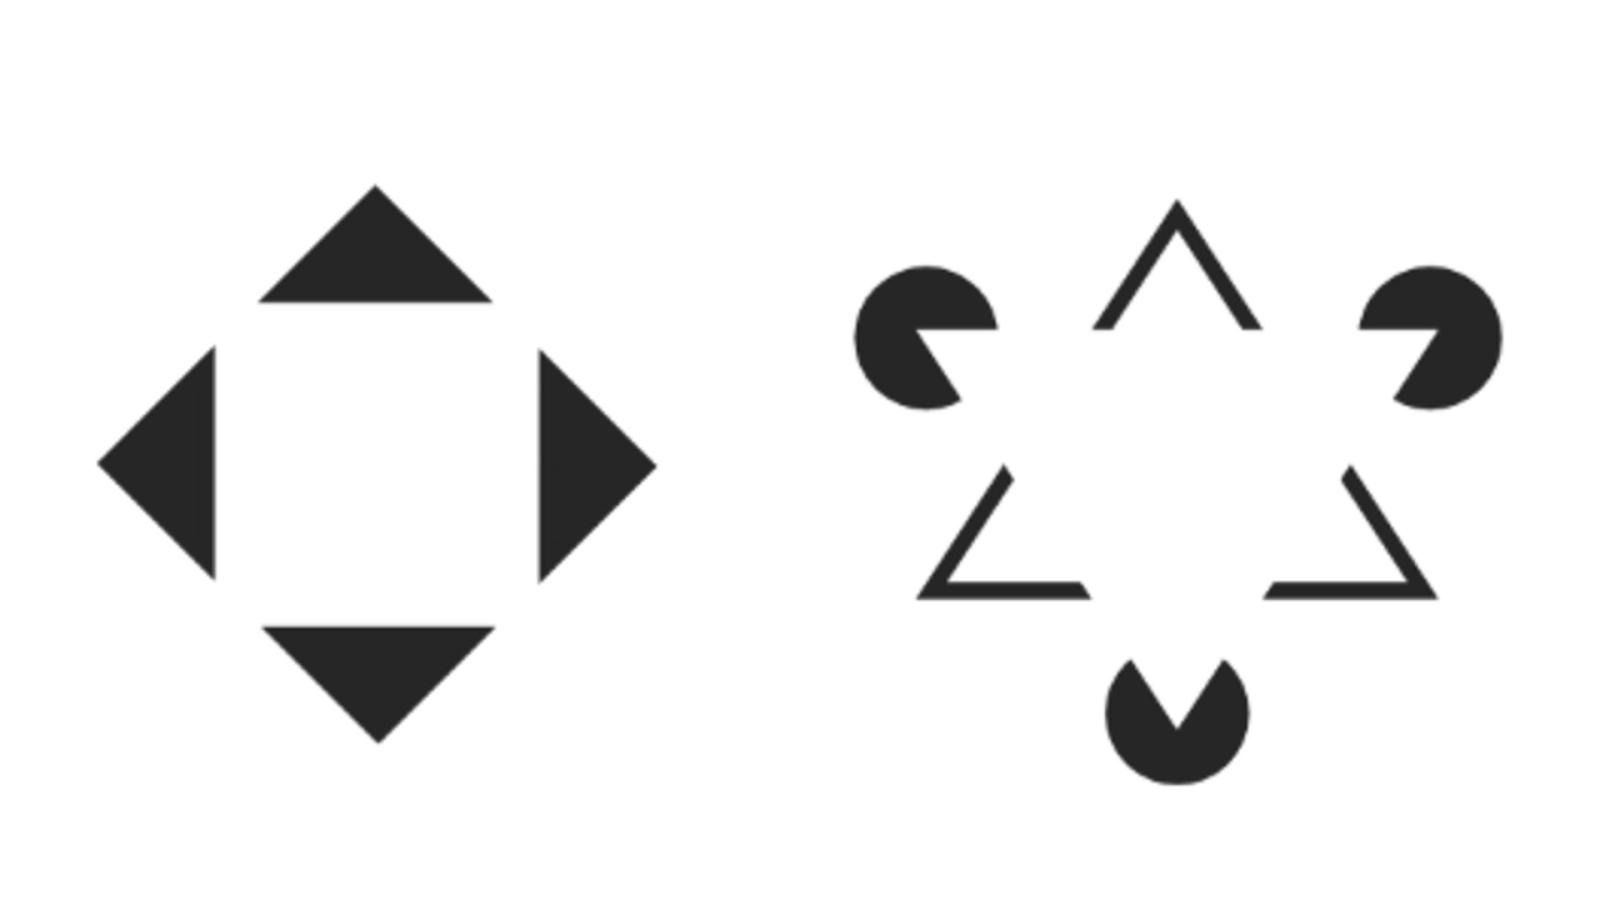 Наш взгляд распознает знакомые фигуры— белый квадрат и перевернутый треугольник в центре— там, где по факту их нет